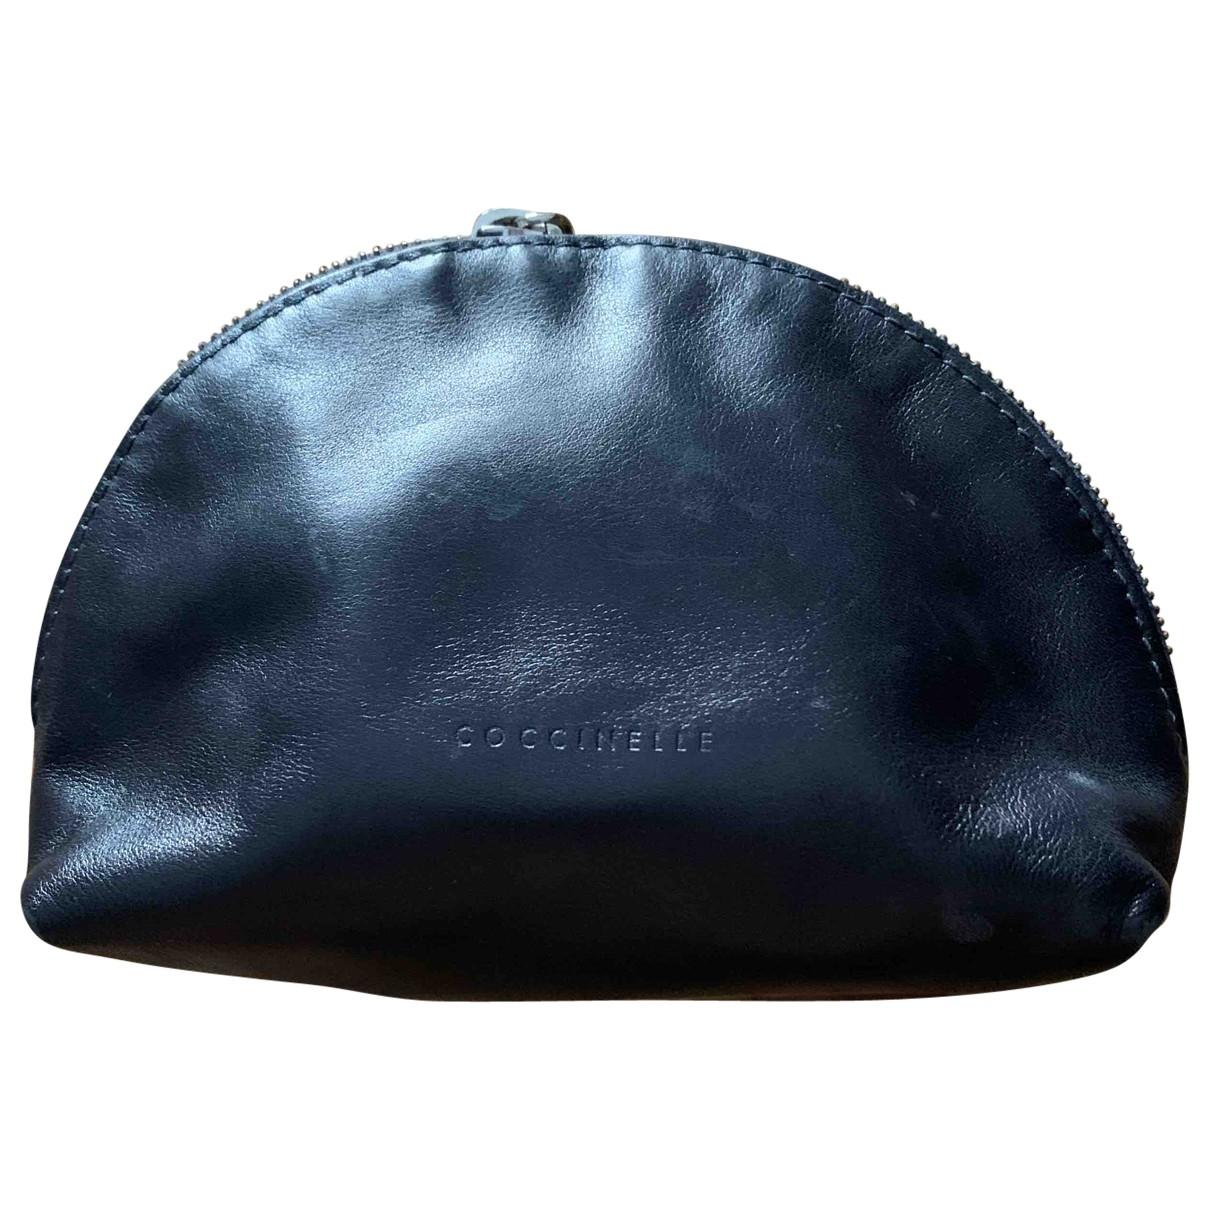 Coccinelle - Petite maroquinerie   pour femme en cuir - bleu